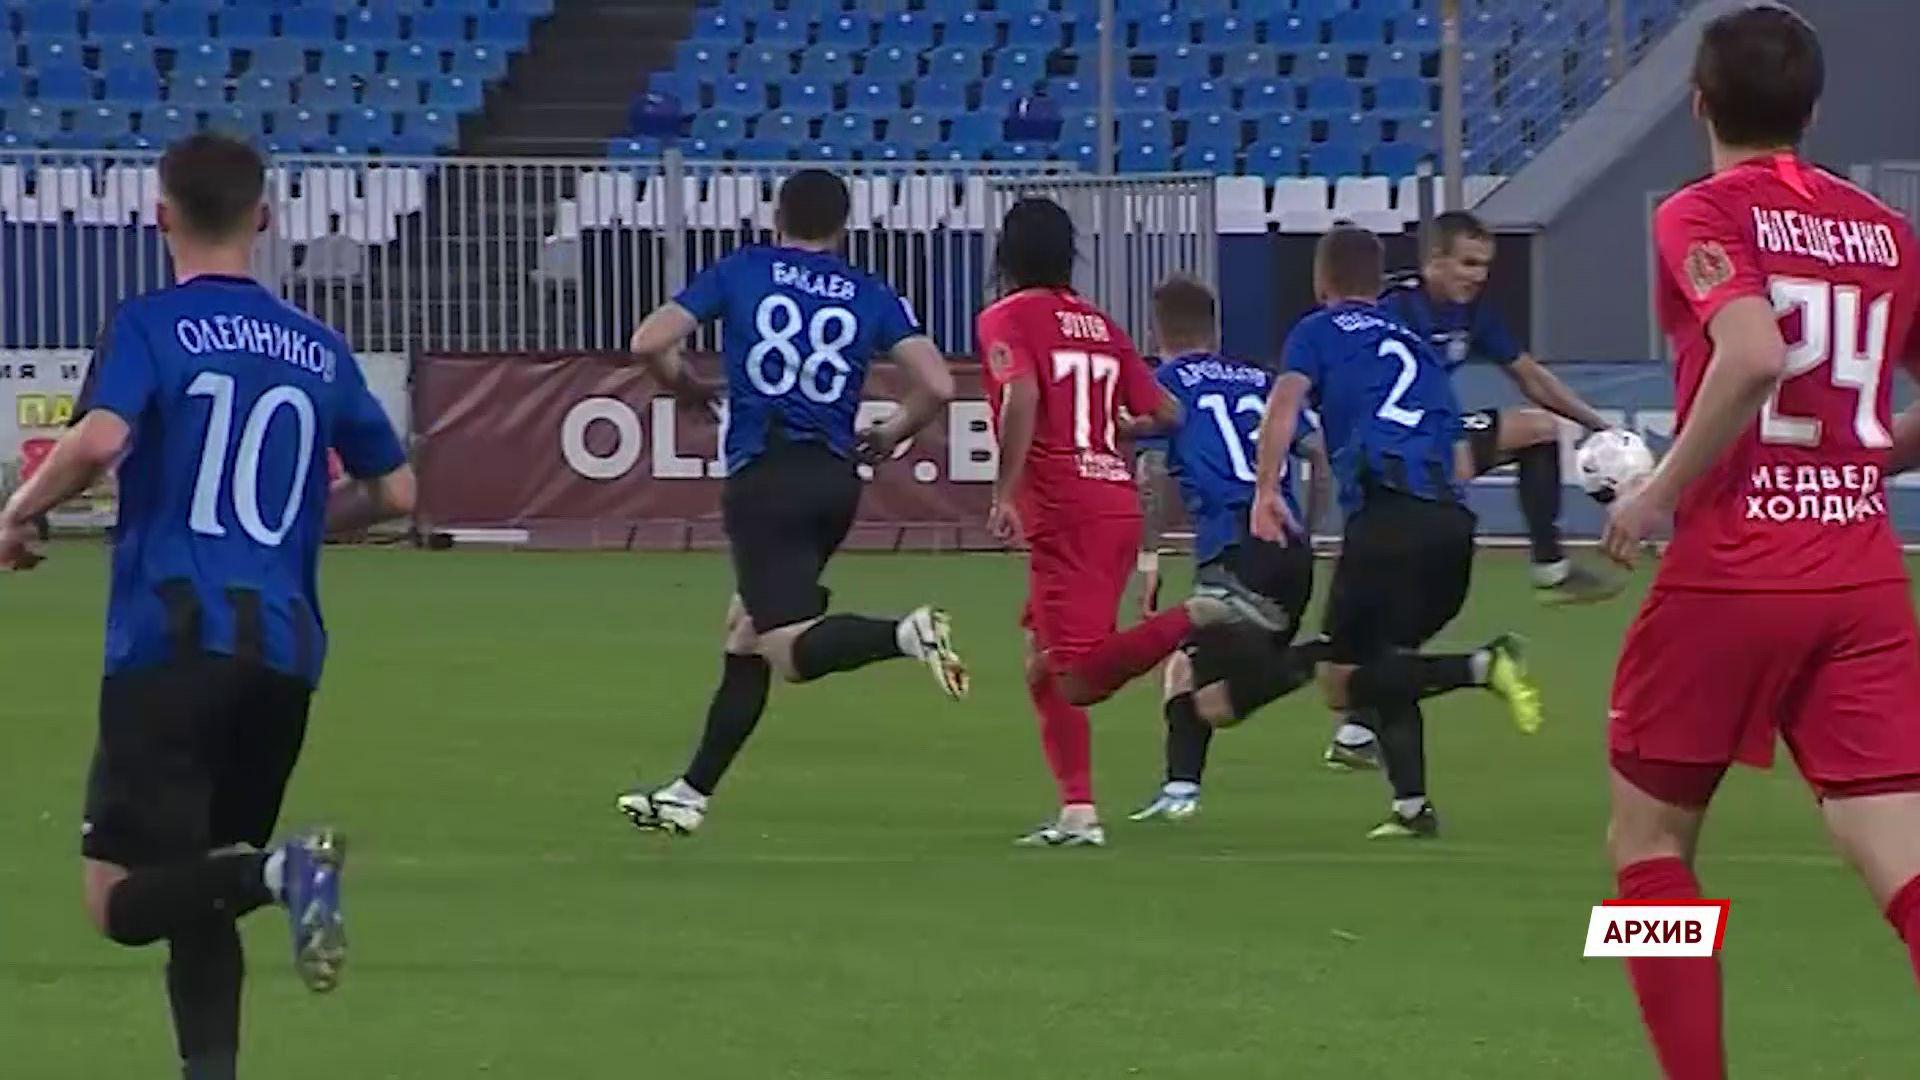 Ярославскому «Шиннику» присудили техническую победу в матче с «Енисеем»